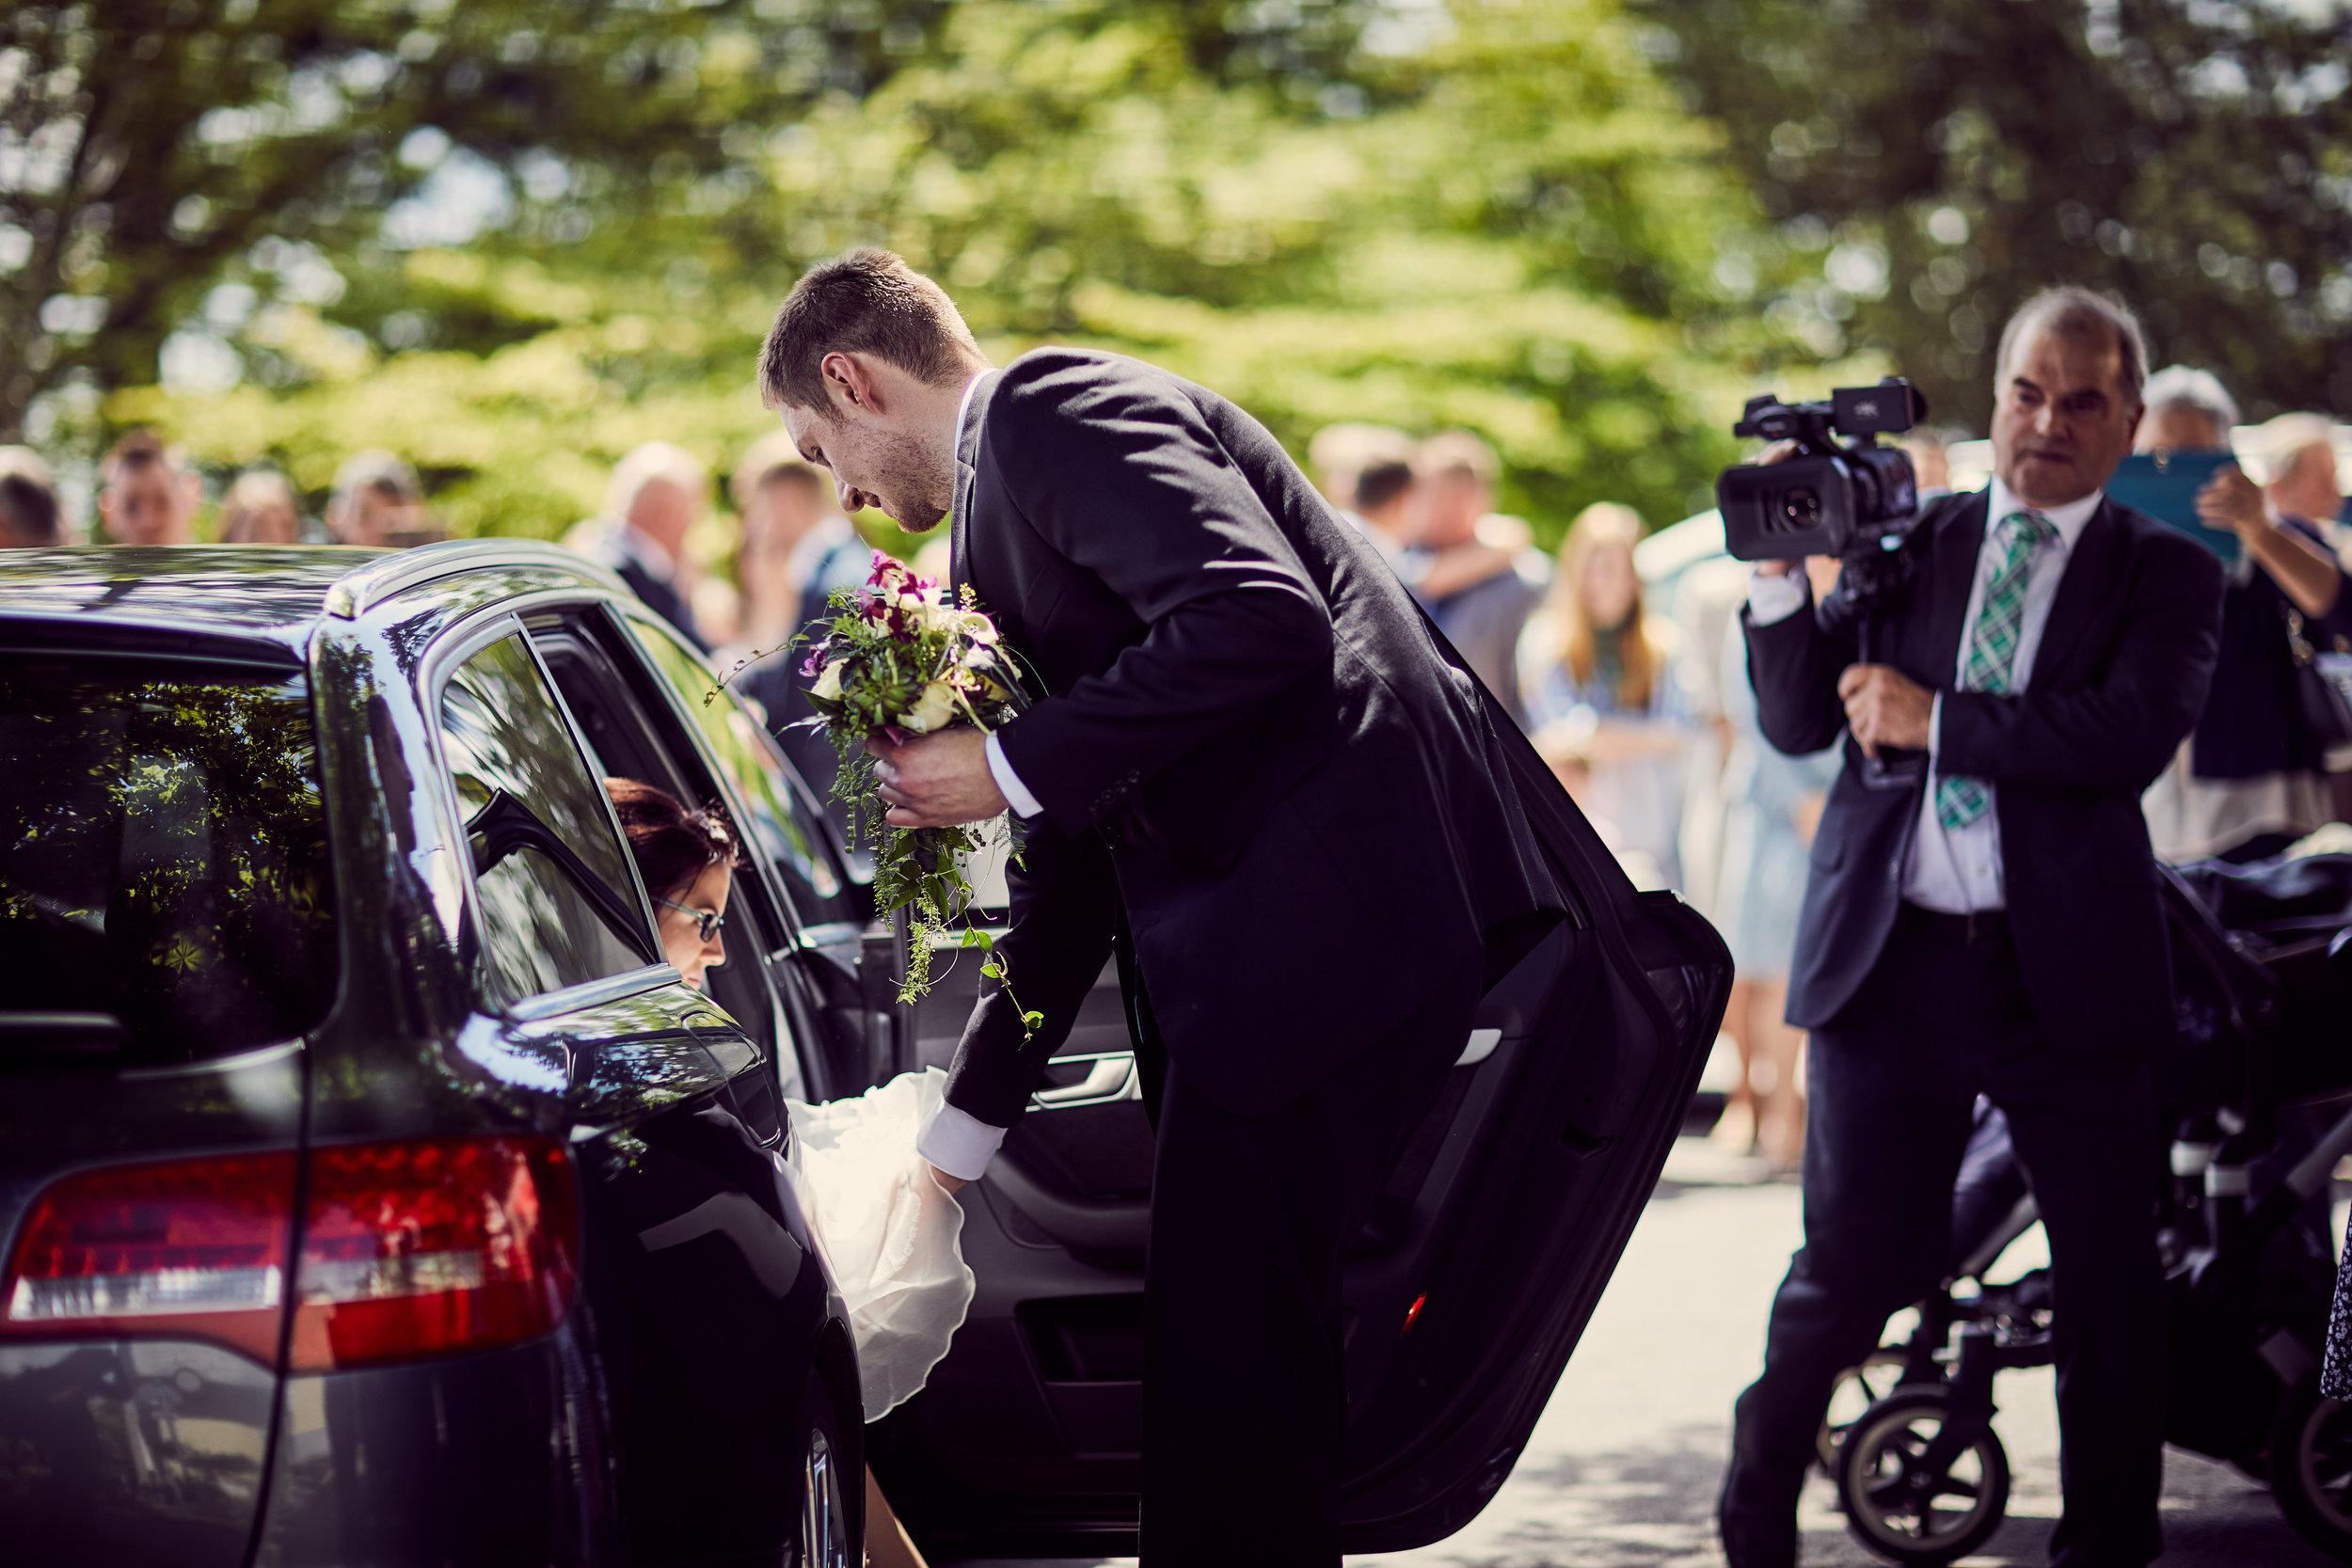 Hochzeit-Kathi-SiegiHochzeit Kathi und Siegi_31A5732.jpg